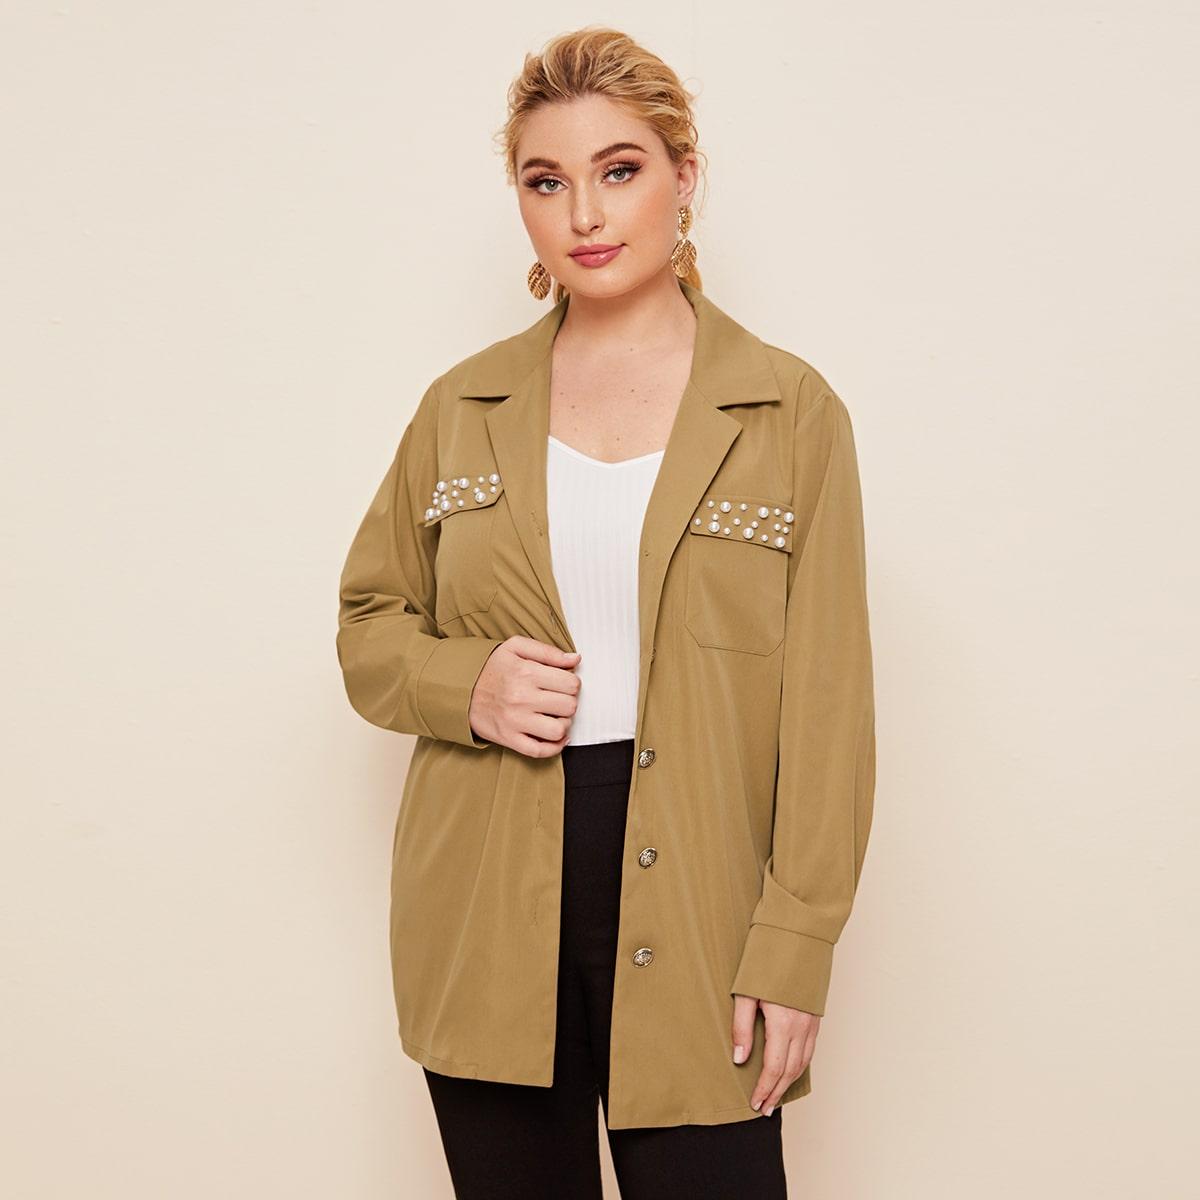 Пальто с карманом и жемчугом размера плюс